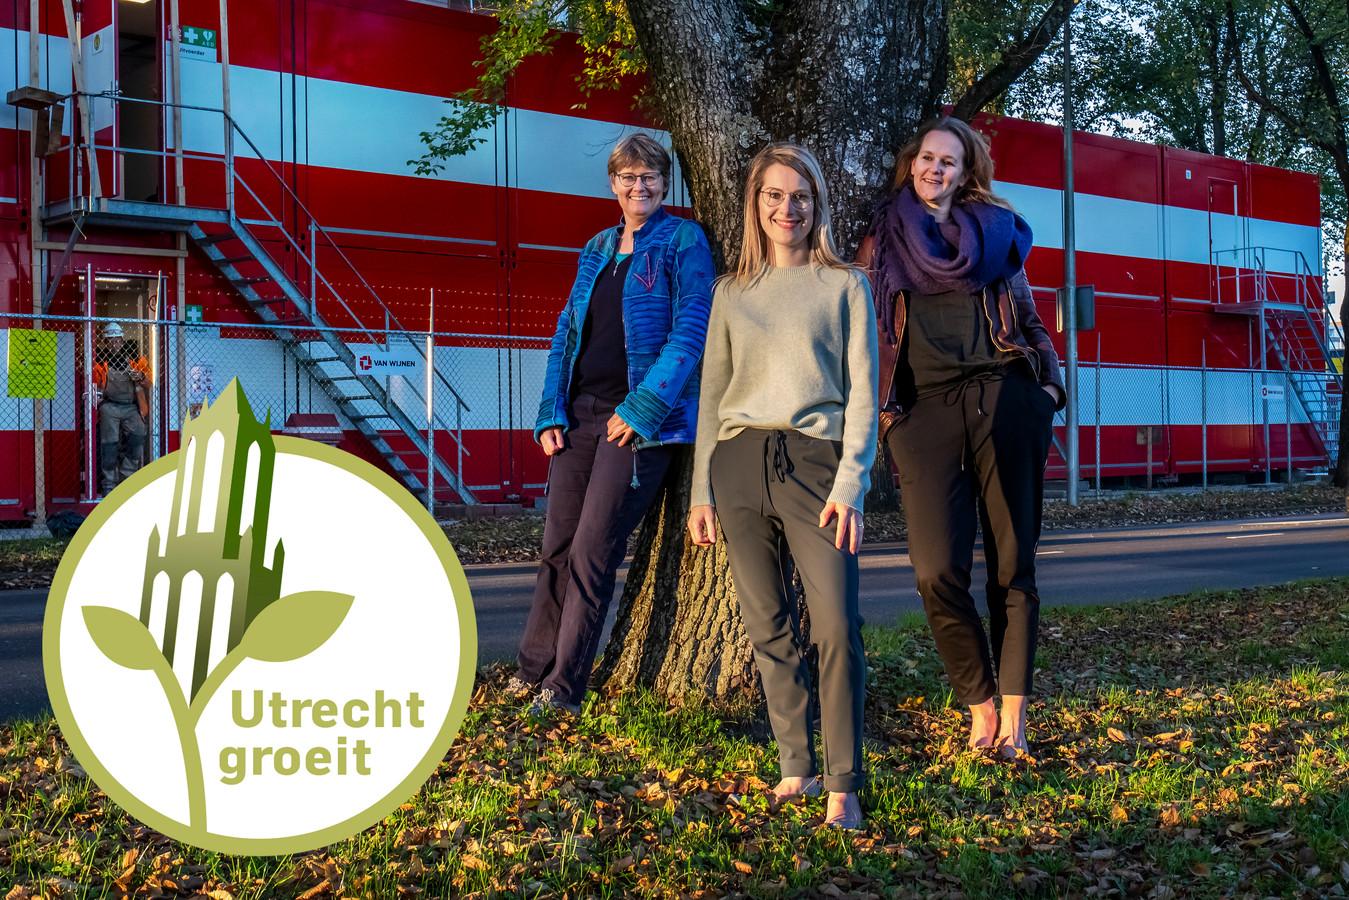 De drie Utrechtse partijleiders van links naar rechts: Heleen de Boer (GroenLinks), Jony Ferket (D66) en Rachel Streefland-Driesprong (ChristenUnie) hier bij de NPD-strook in Overvecht waar volop wordt gebouwd.